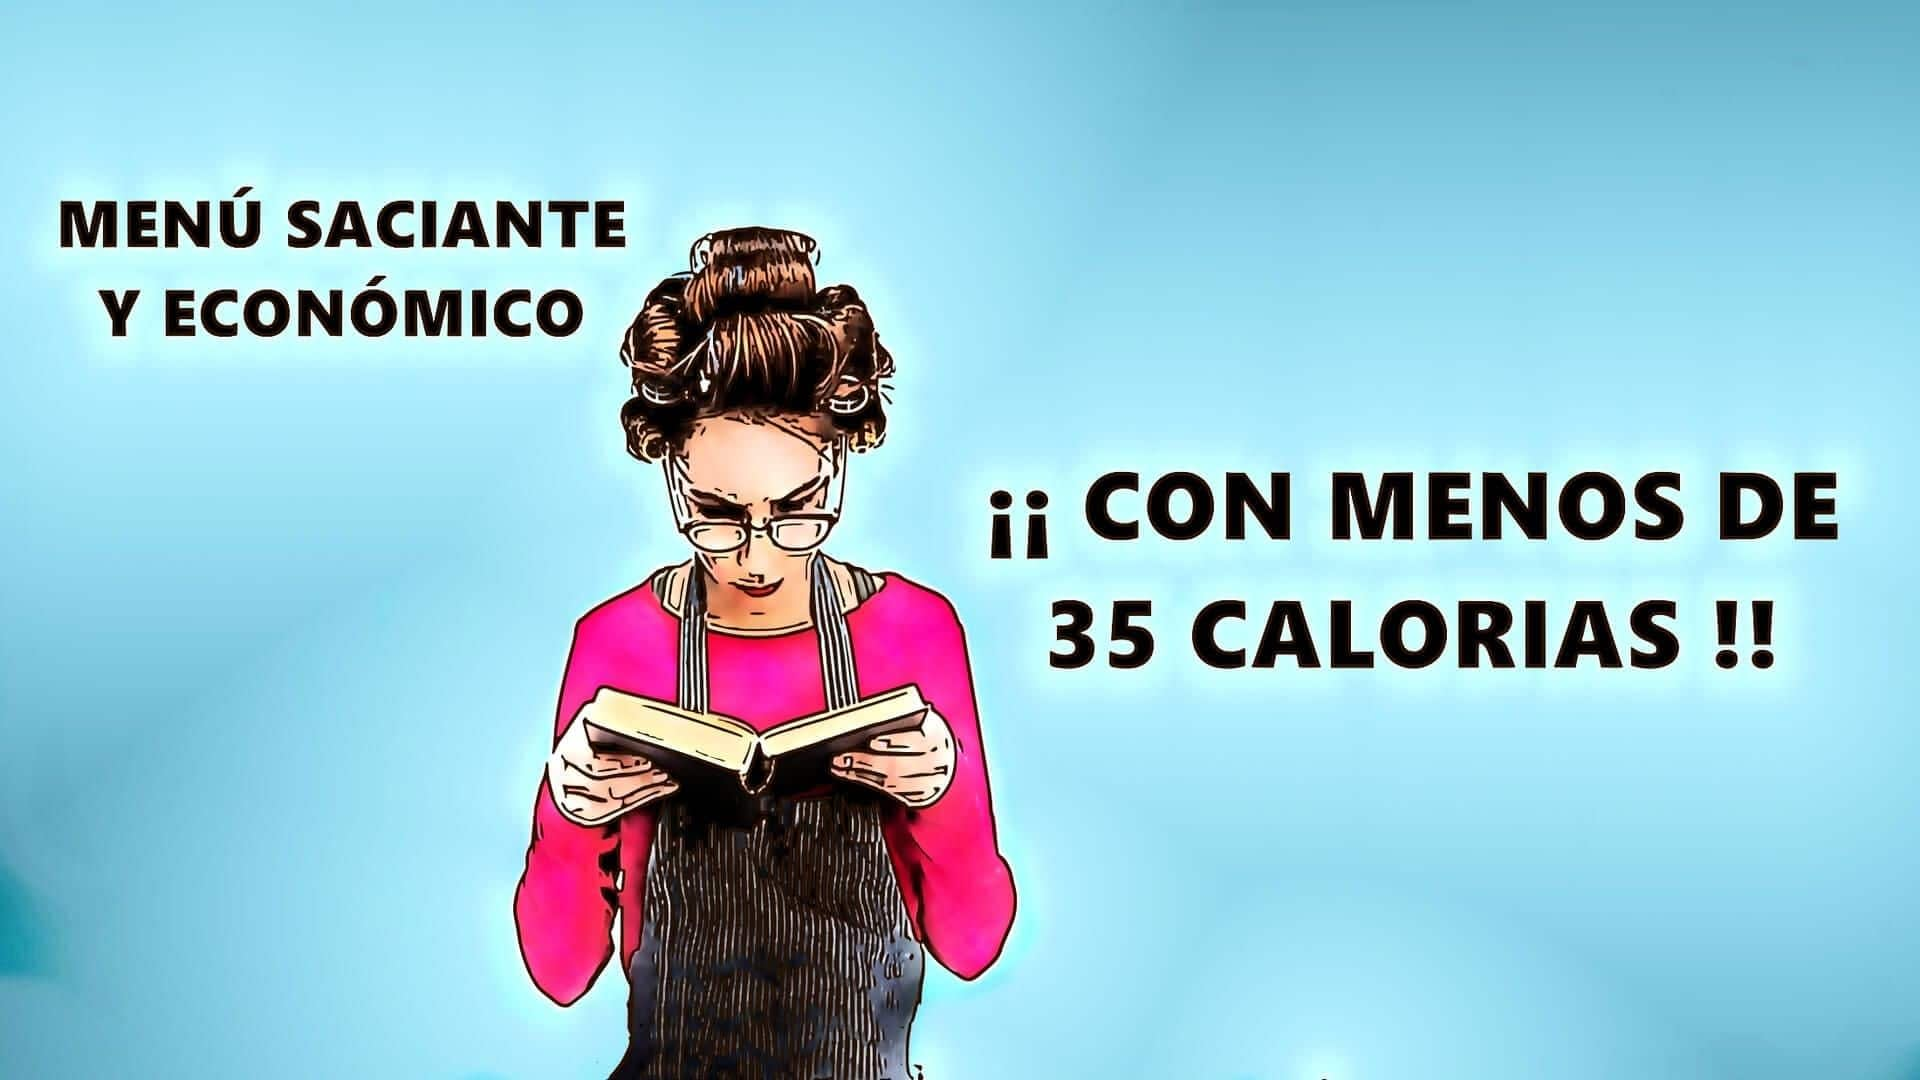 alimentos con menos 35 calorías saciantes y económicos